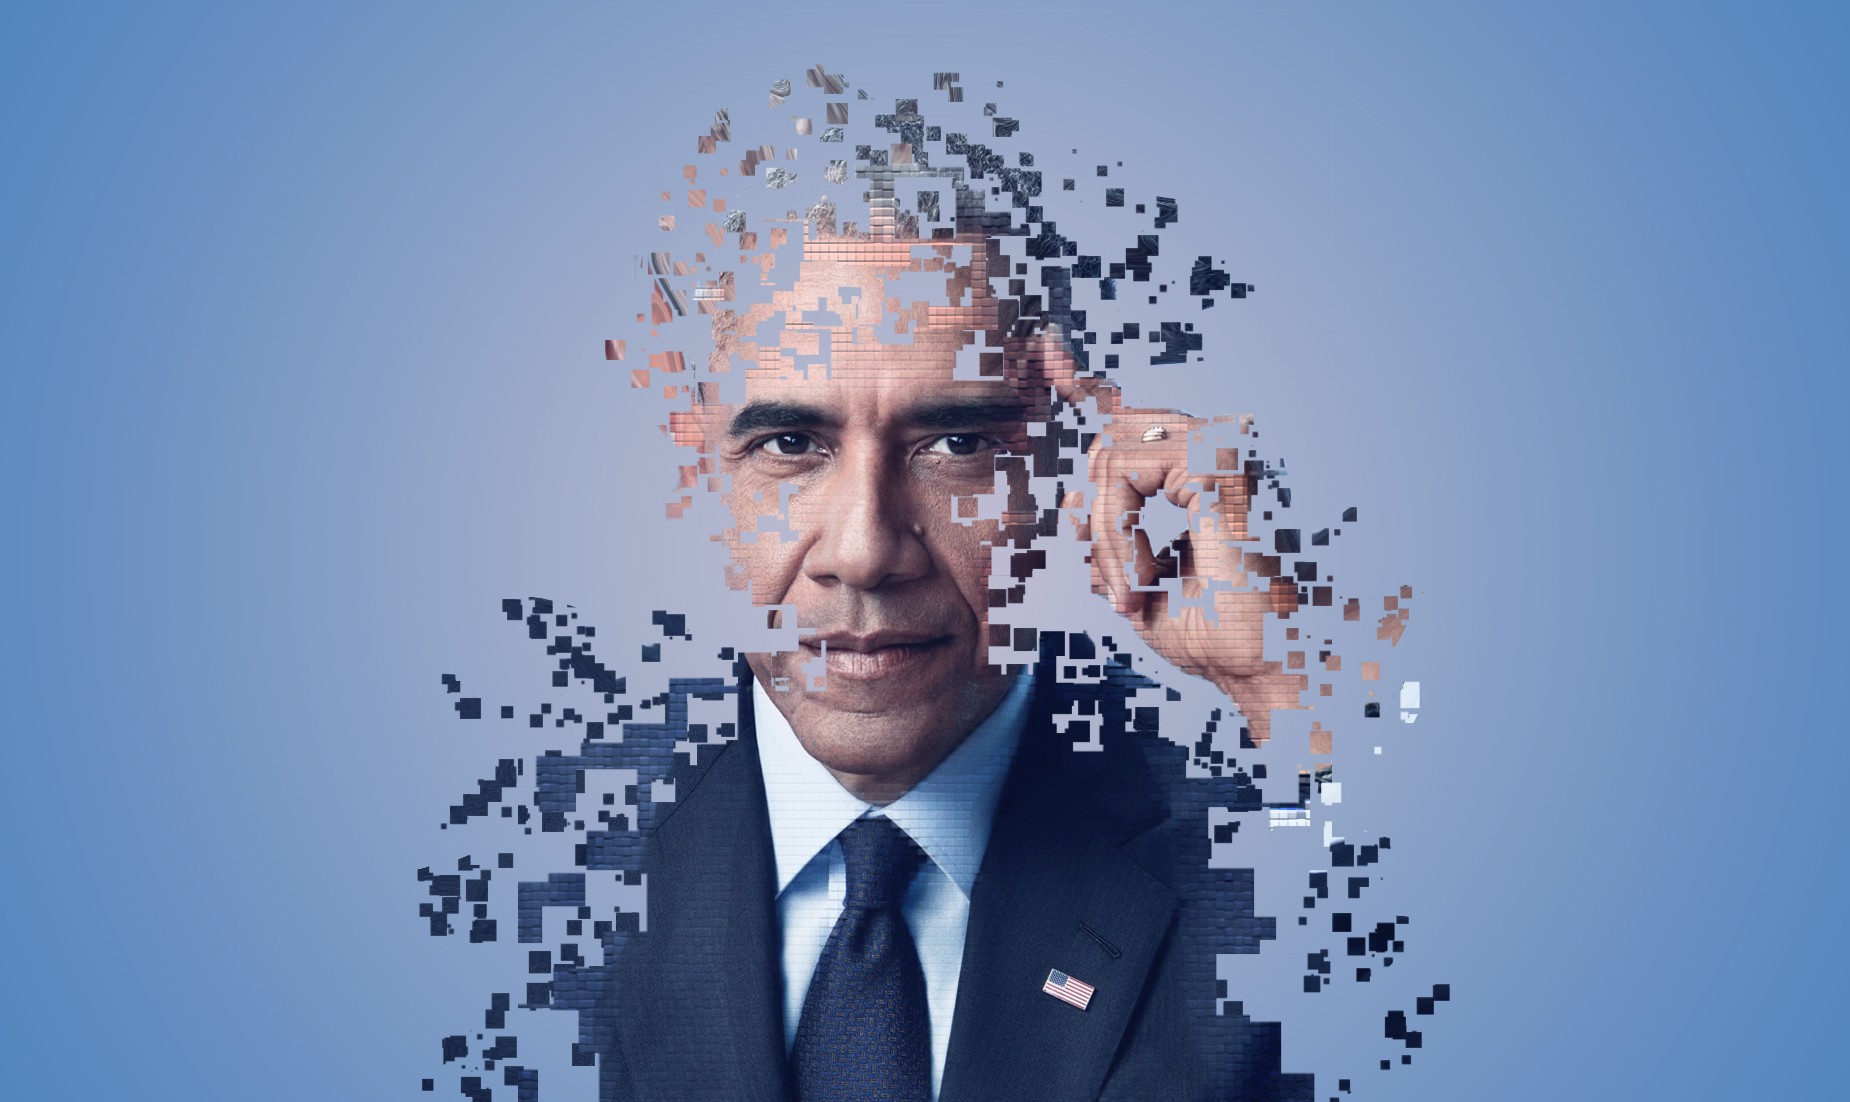 A deepfake video of Barack Obama raised concerns